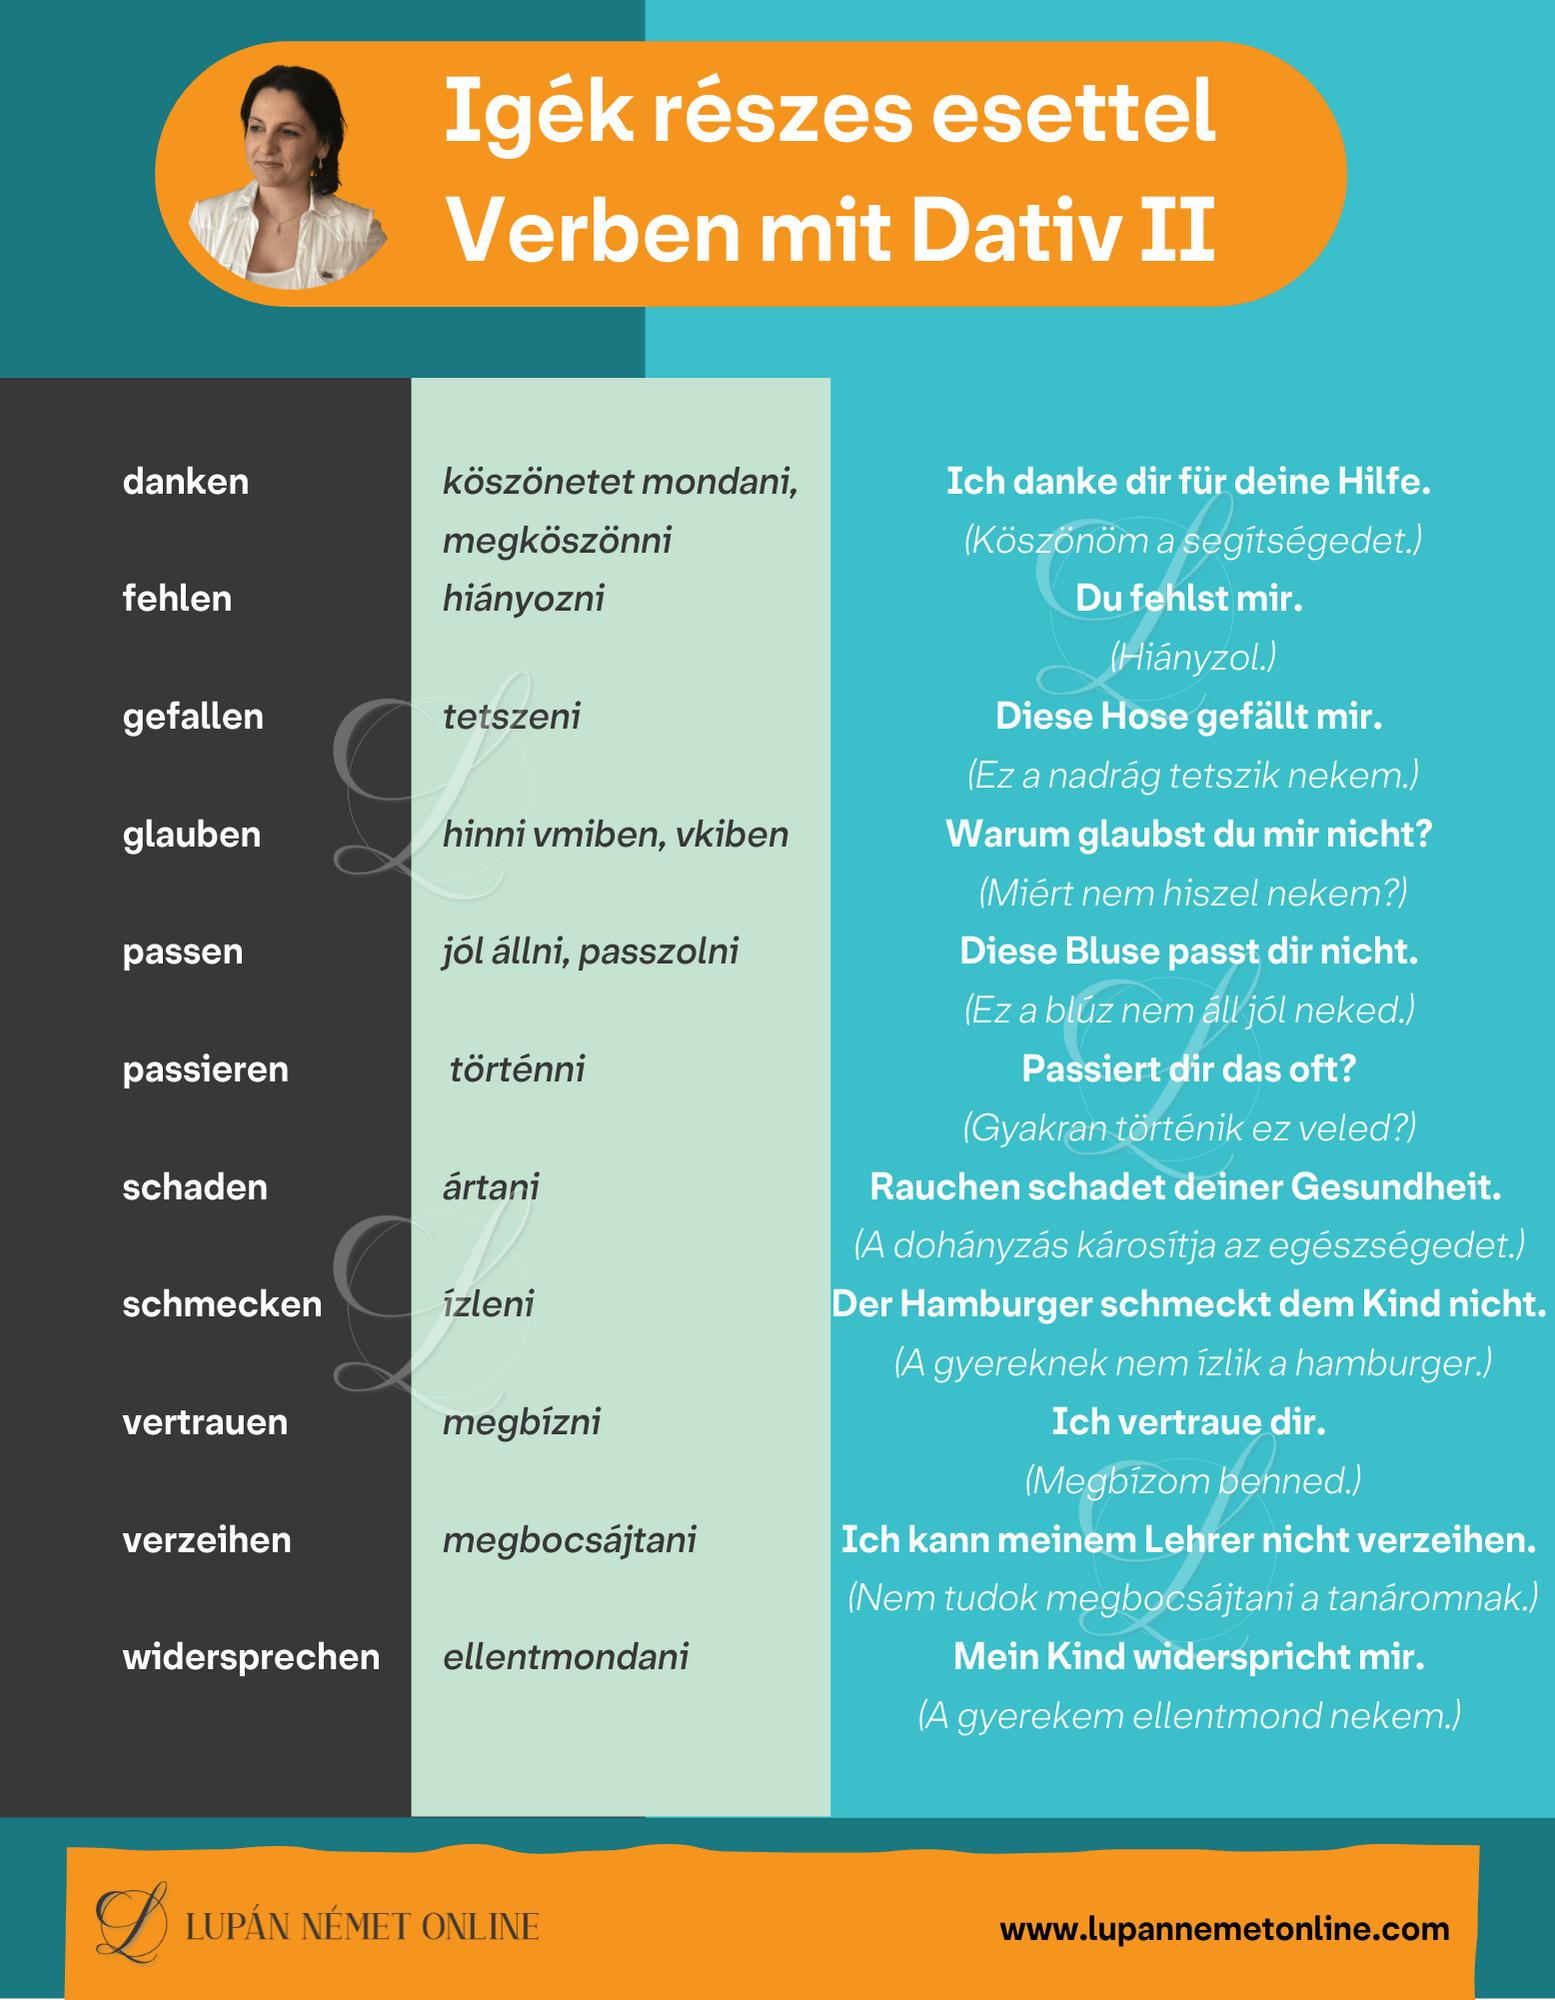 Verben Mit Dativ II 1